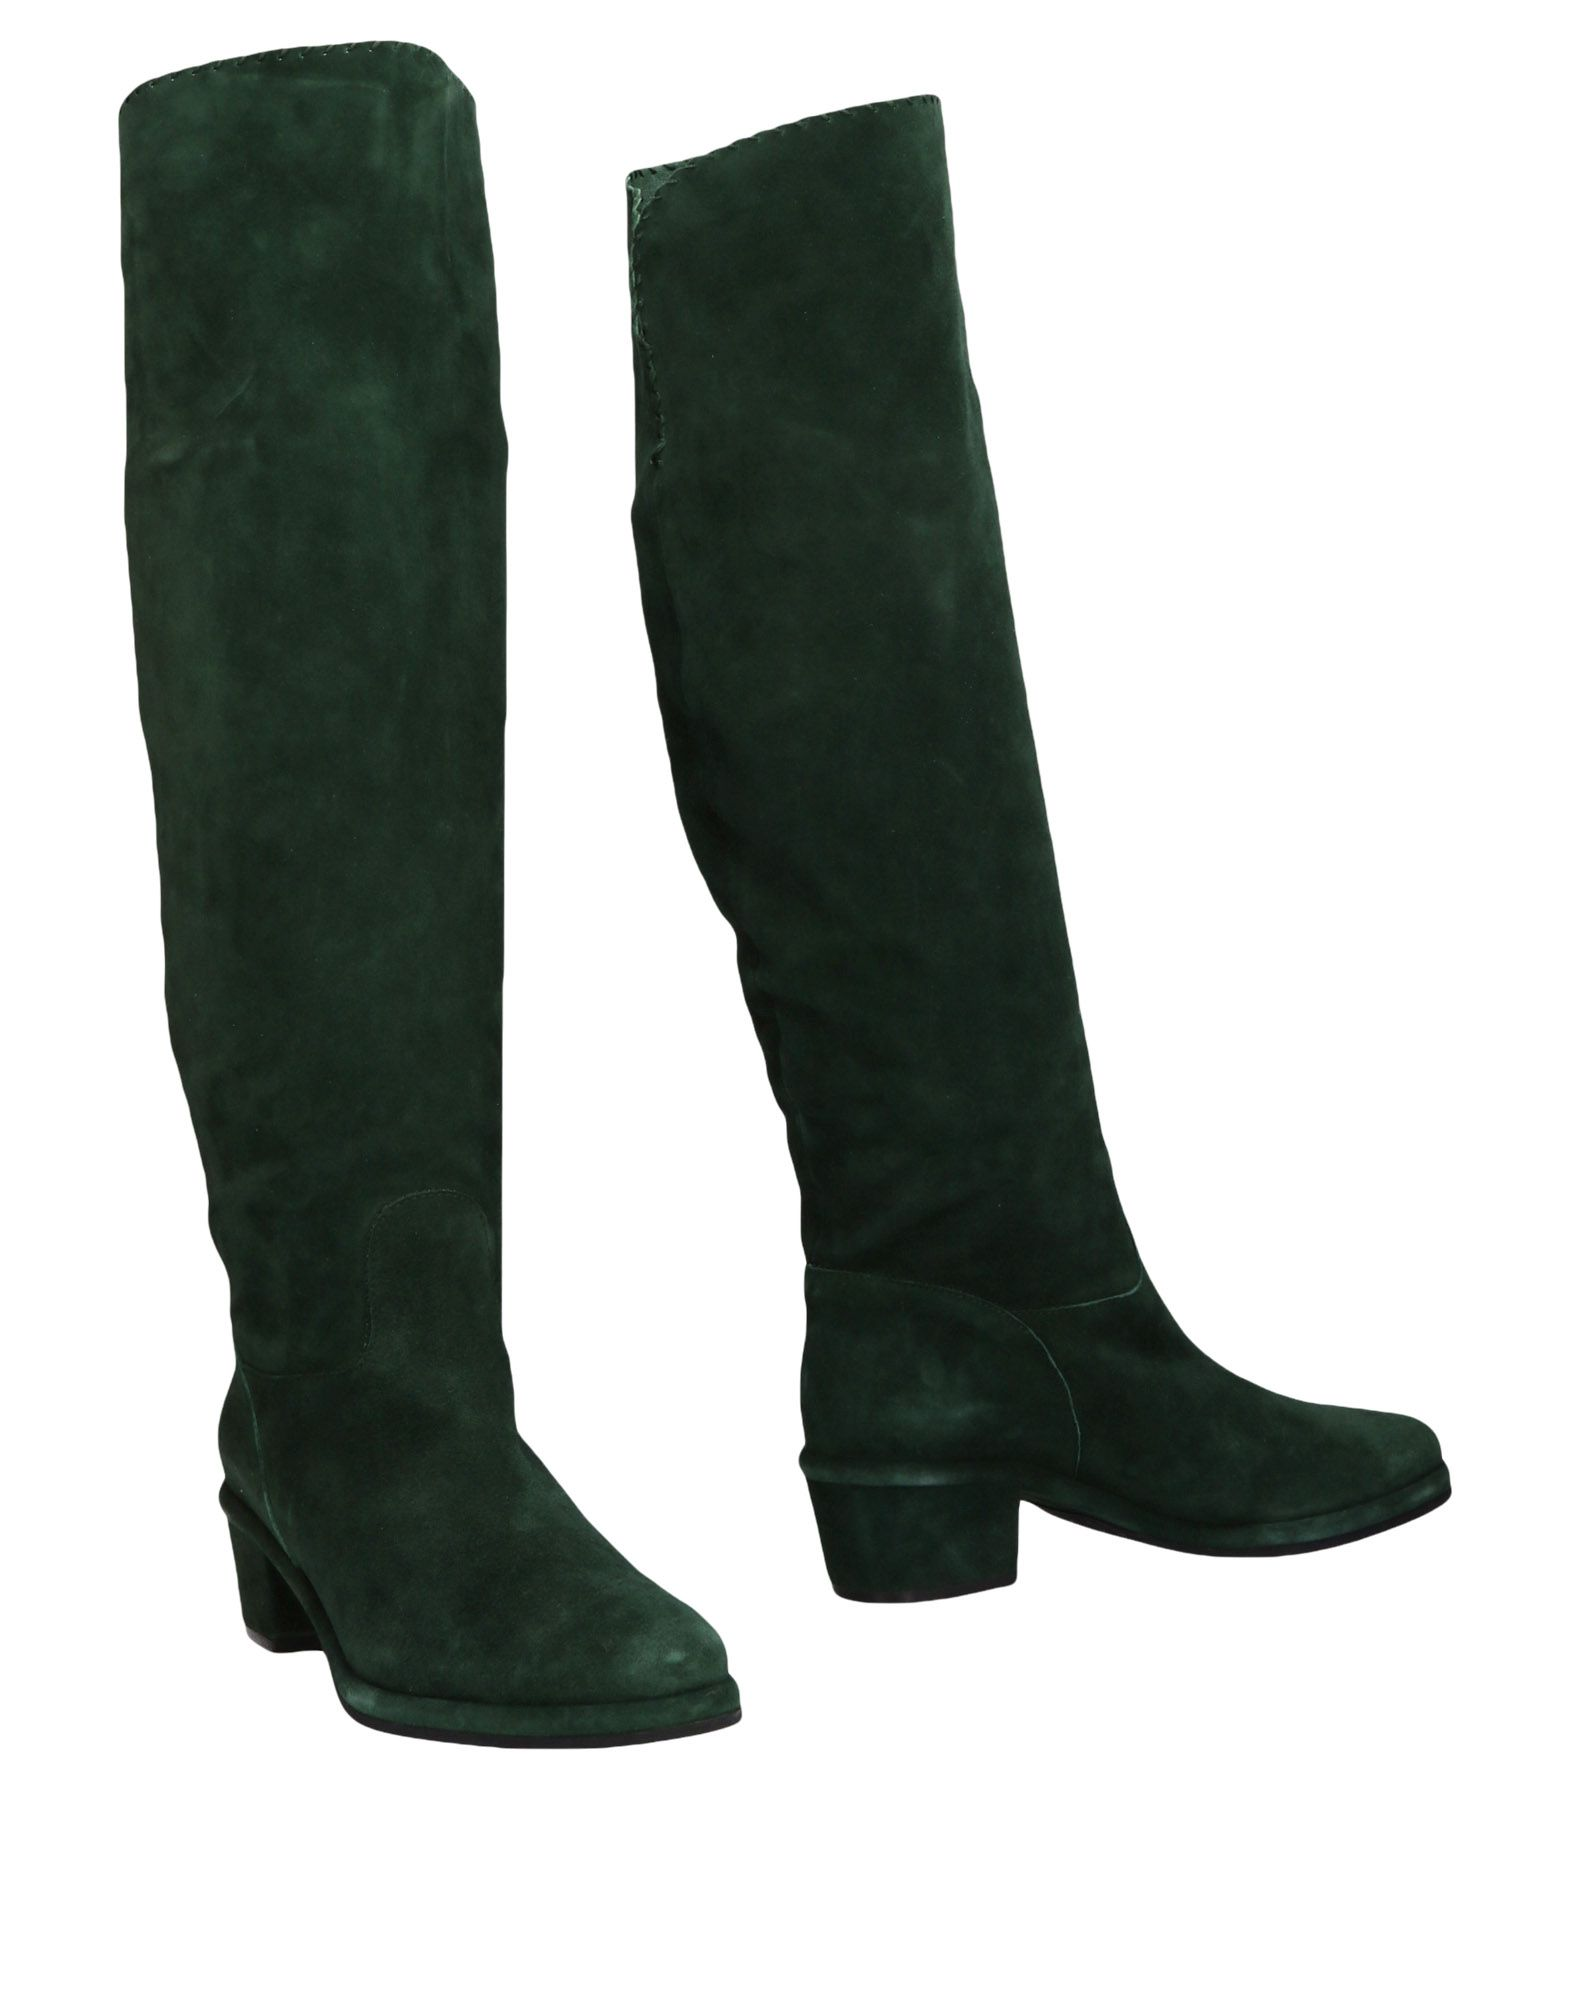 Blugirl Blugirl Blumarine Boots - Women Blugirl Blugirl Blumarine Boots online on  United Kingdom - 11475126IP a303f8